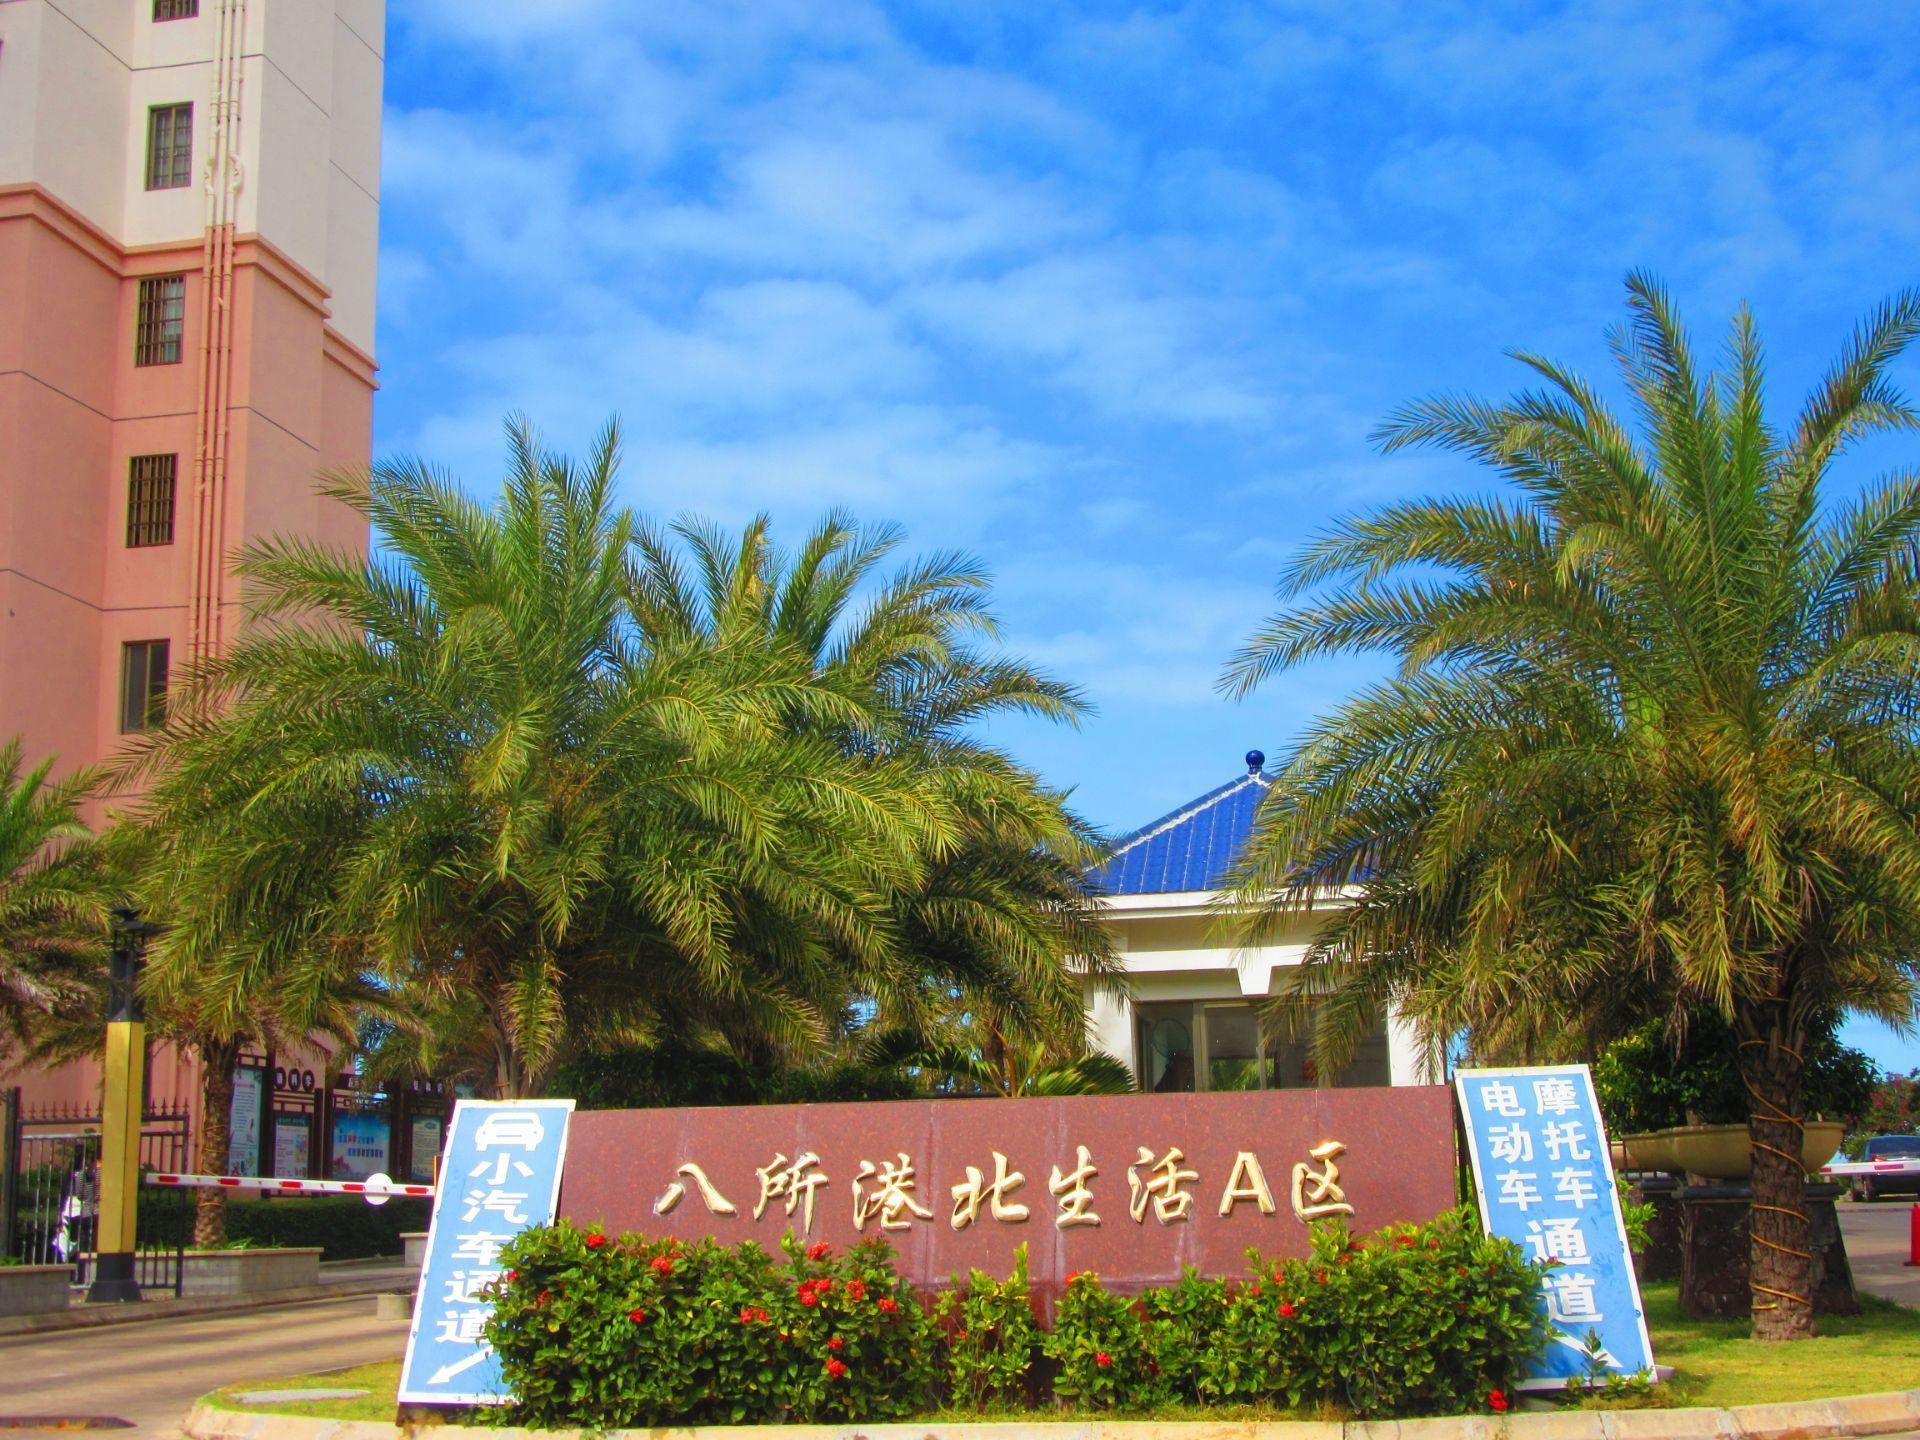 鐵路博物館